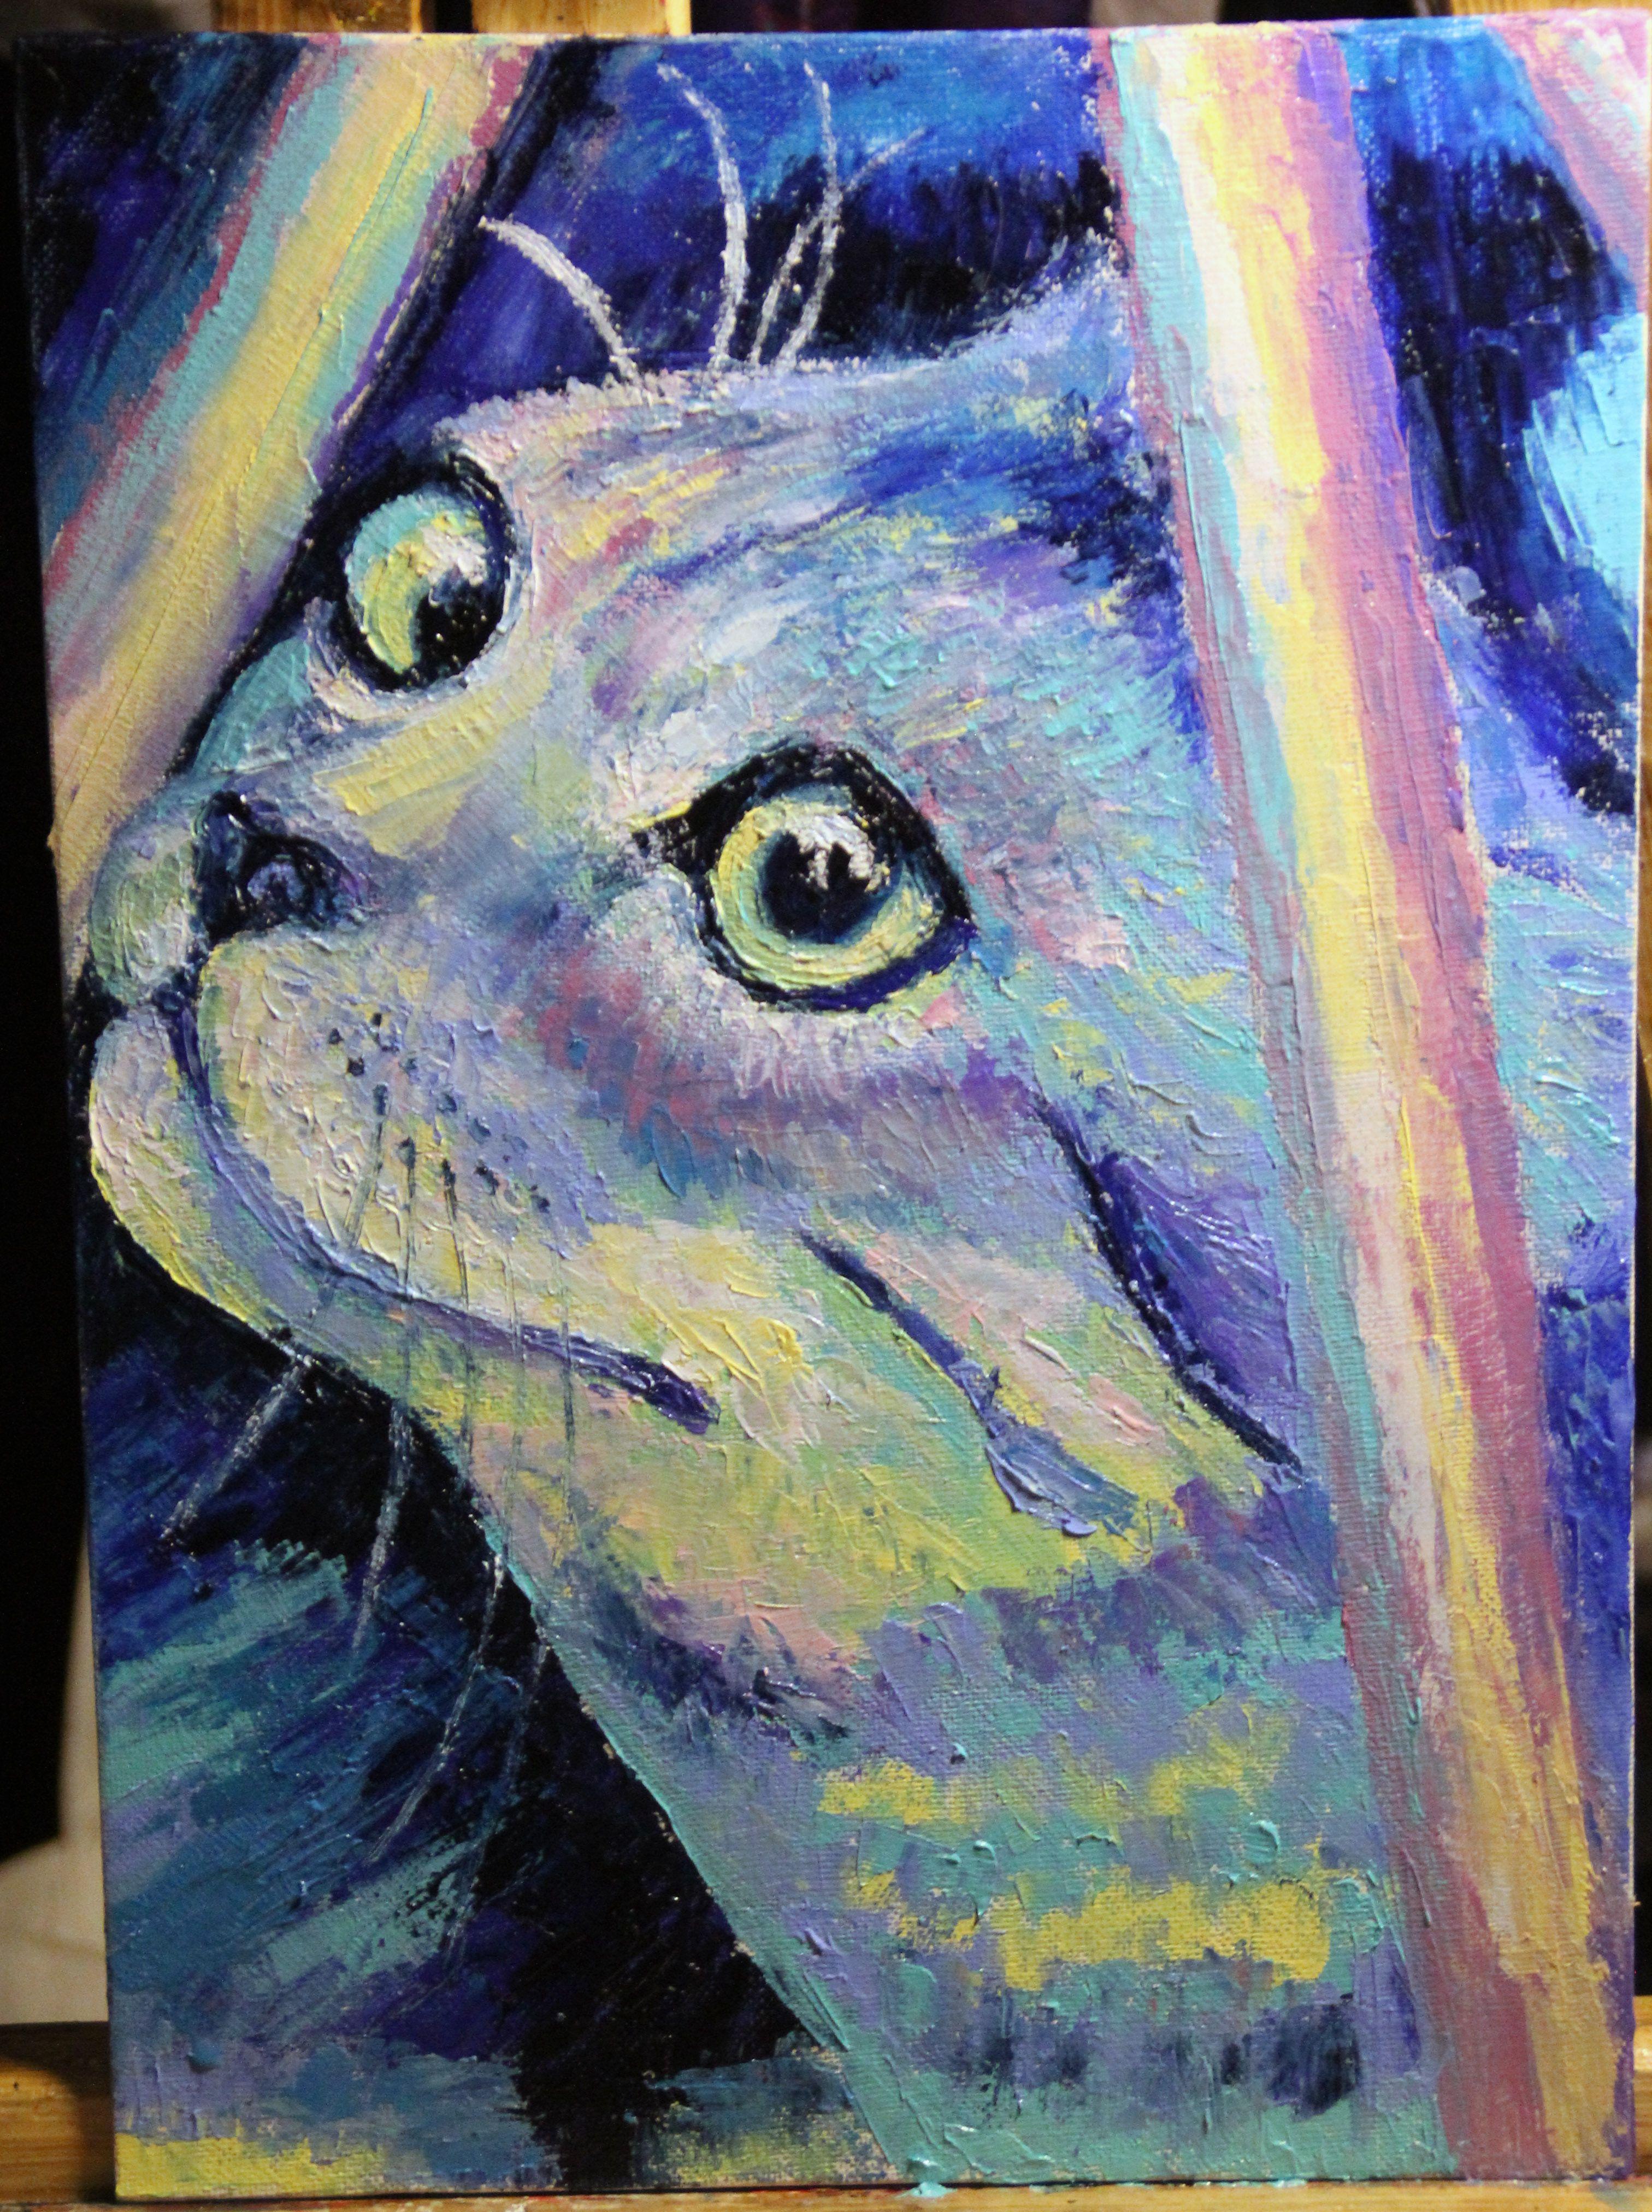 холст котик масло мастихин абстракция живопись животные портрет кот